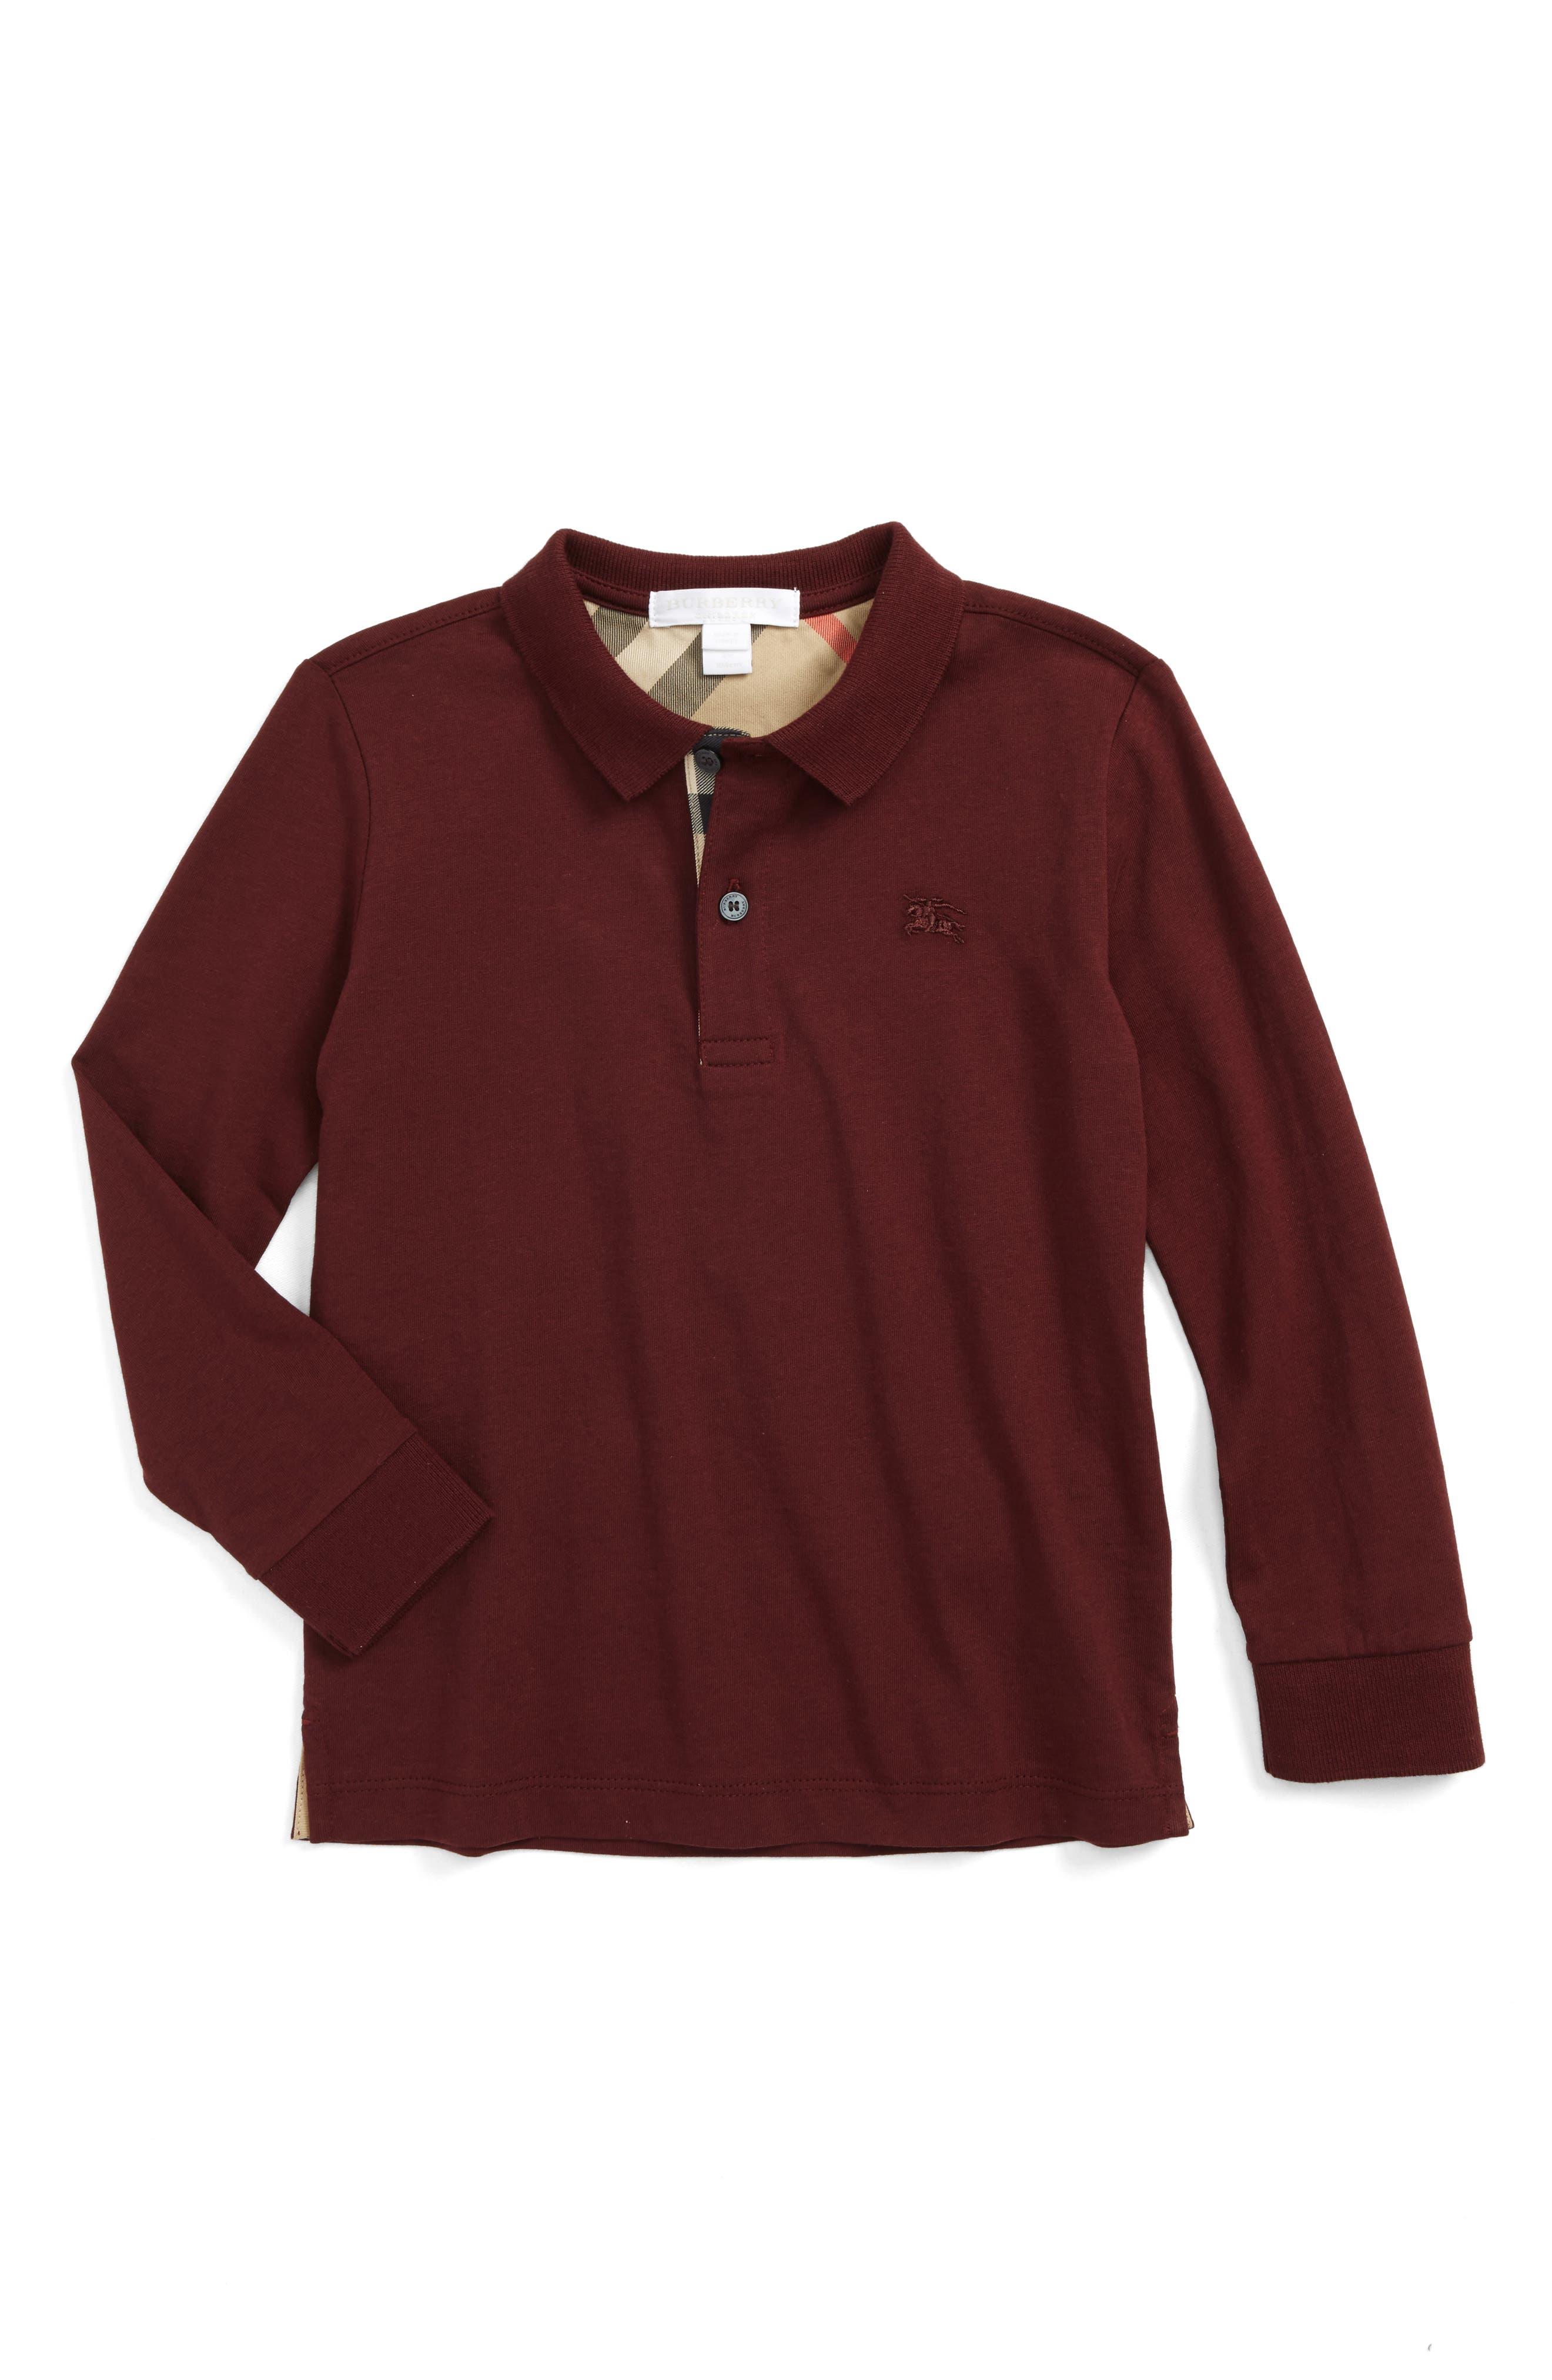 Burberry 'Mini' Long Sleeve Polo Shirt (Little Boys & Big Boys)